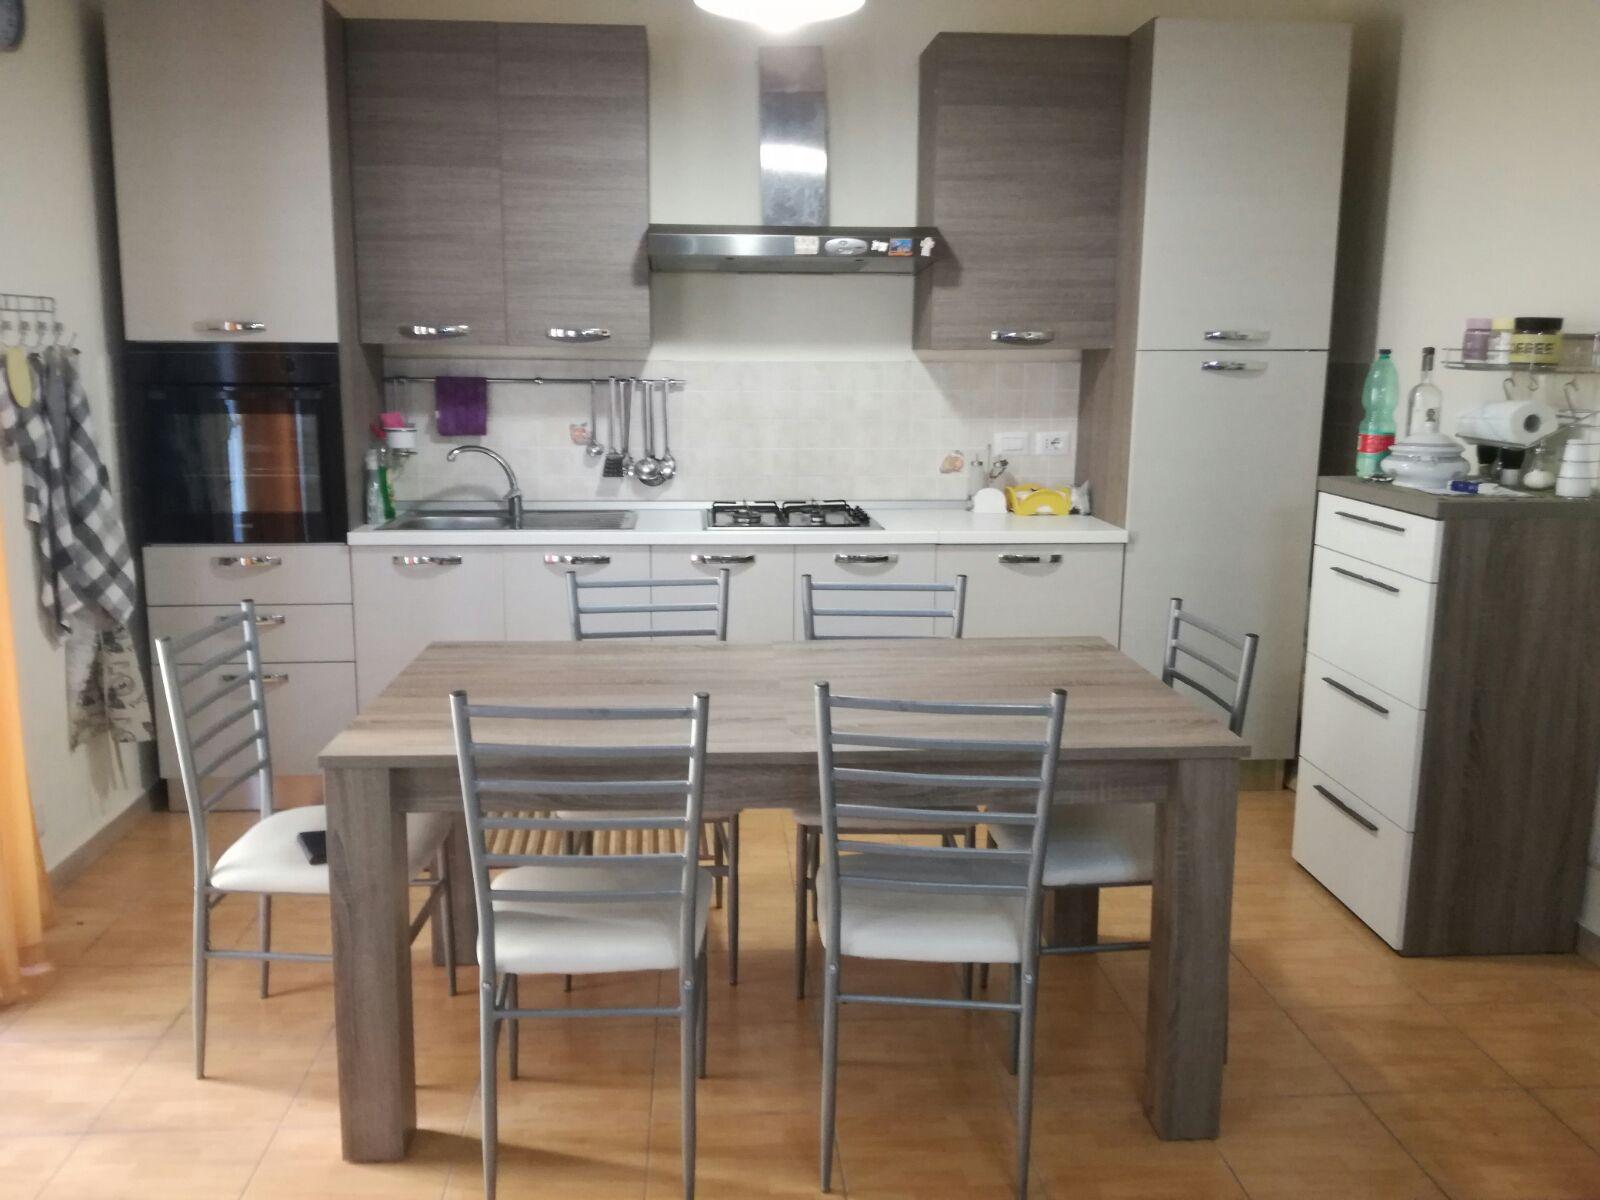 Cucina moderna come nuova con tavolo e sedie - Mimmo Professionista ...